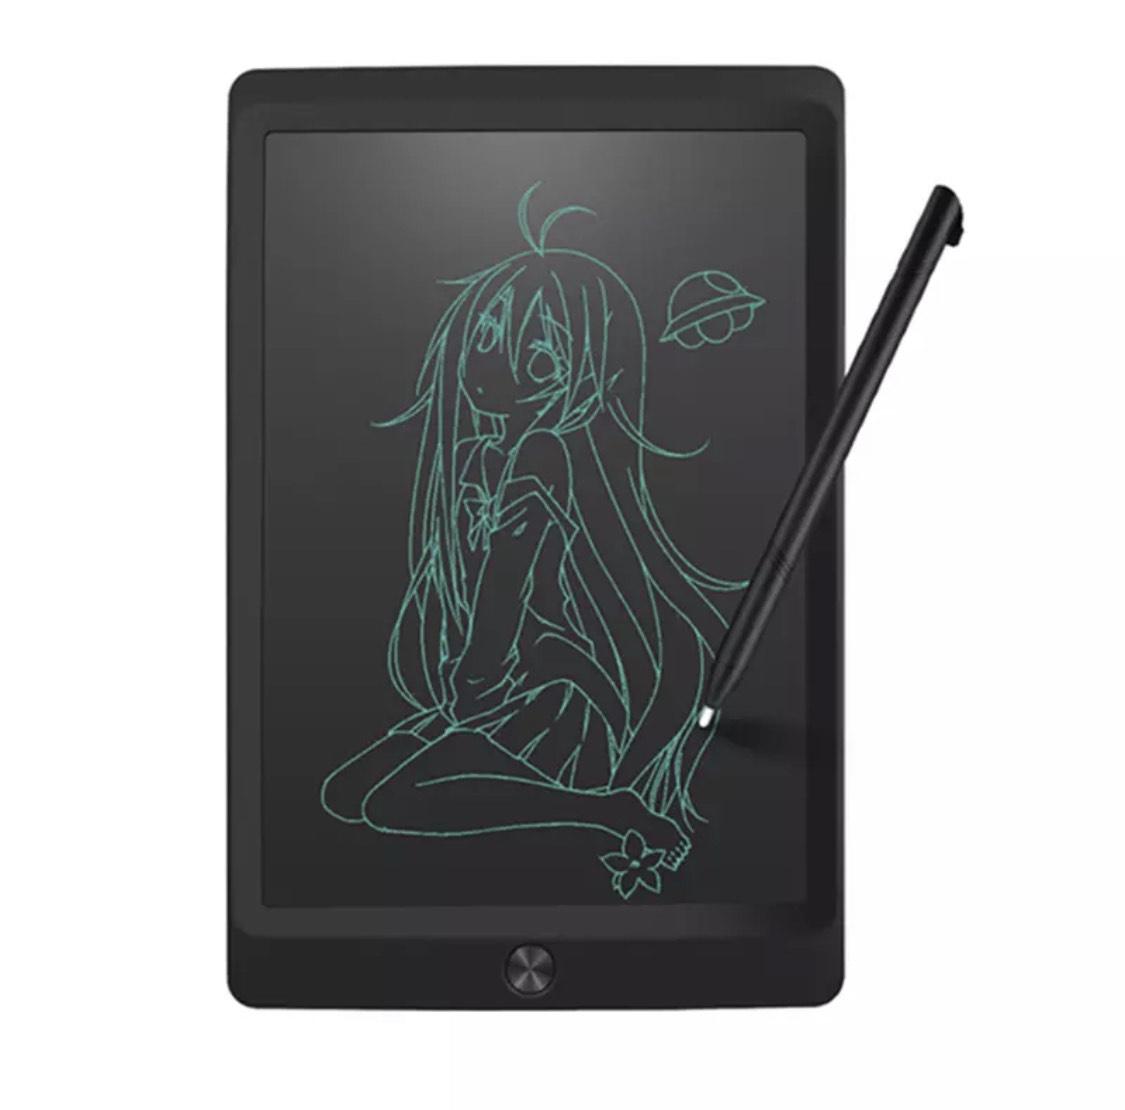 """Tablet dibujo y escritura 10"""""""